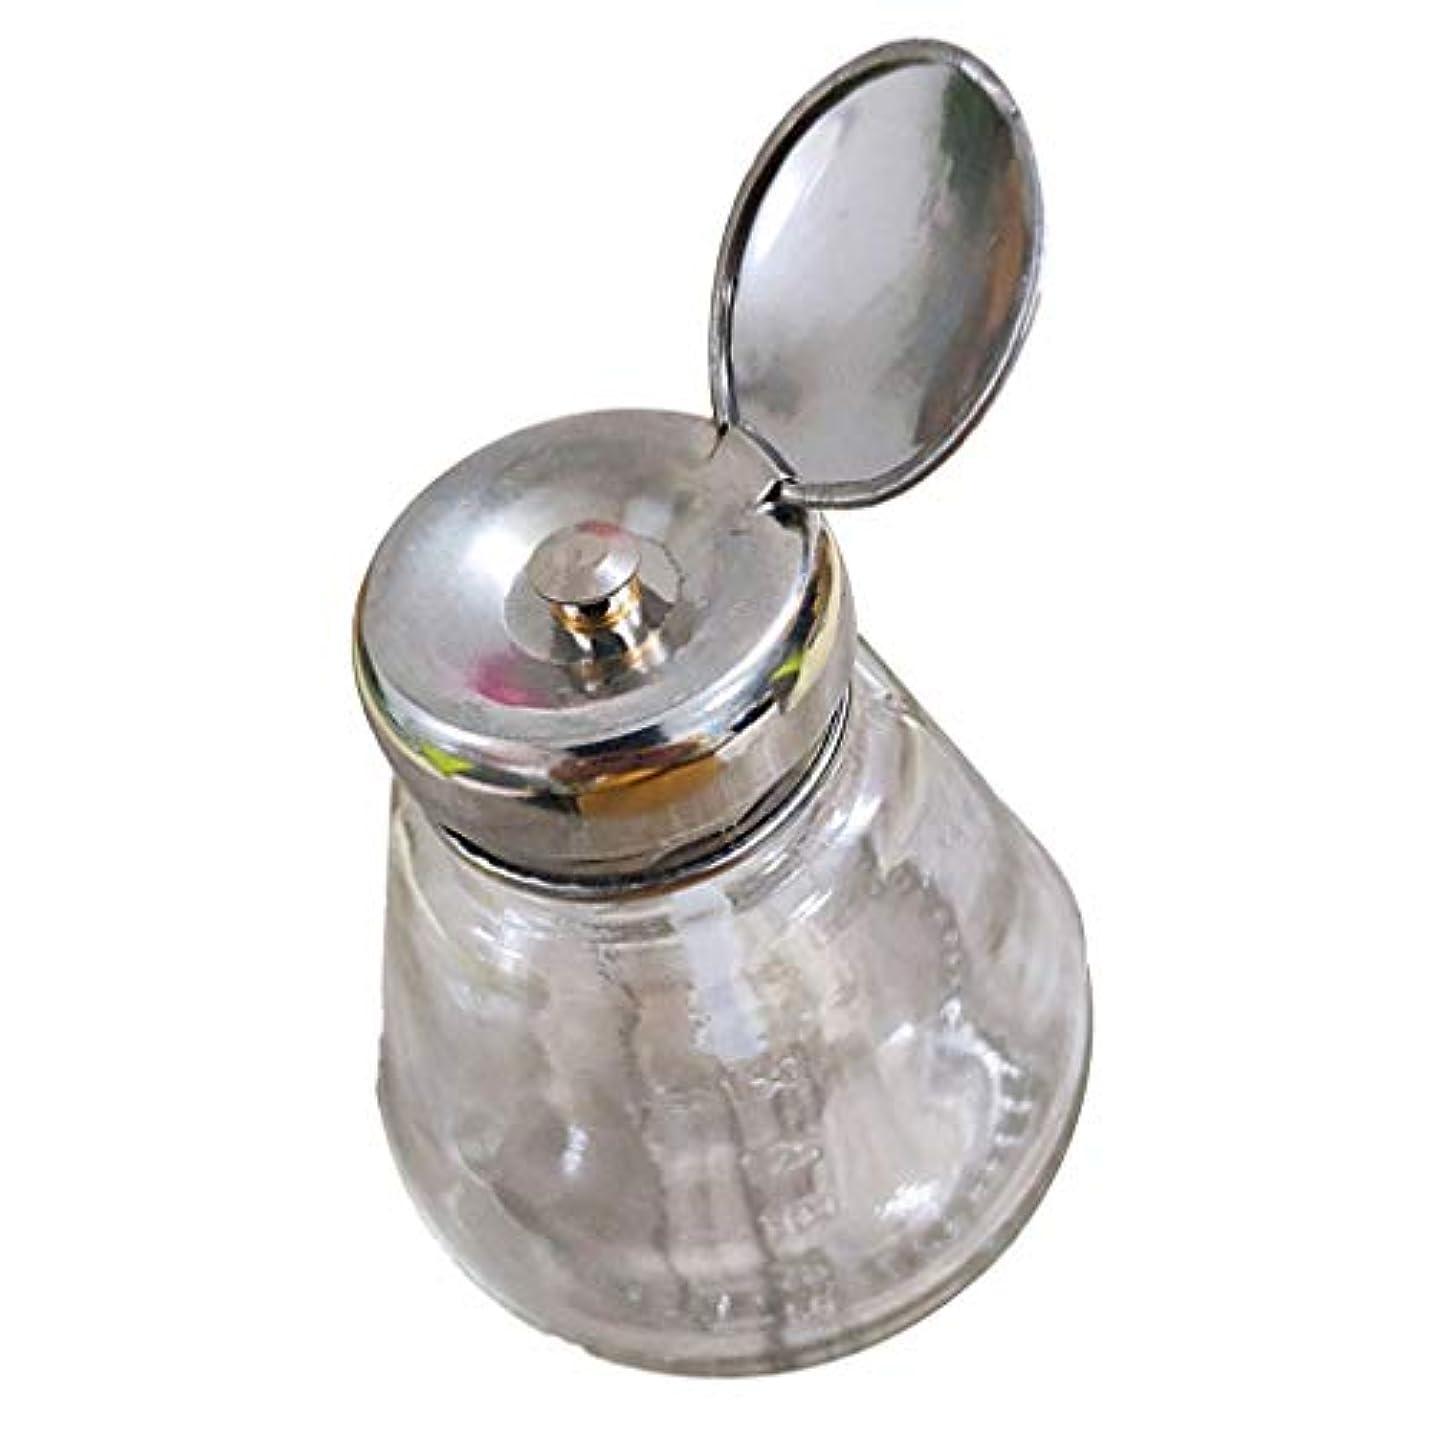 投資する軸拒絶プレスボトル マニキュアリムー ポンプディスペンサー 逆流防止 ガラス製 ネイルアート